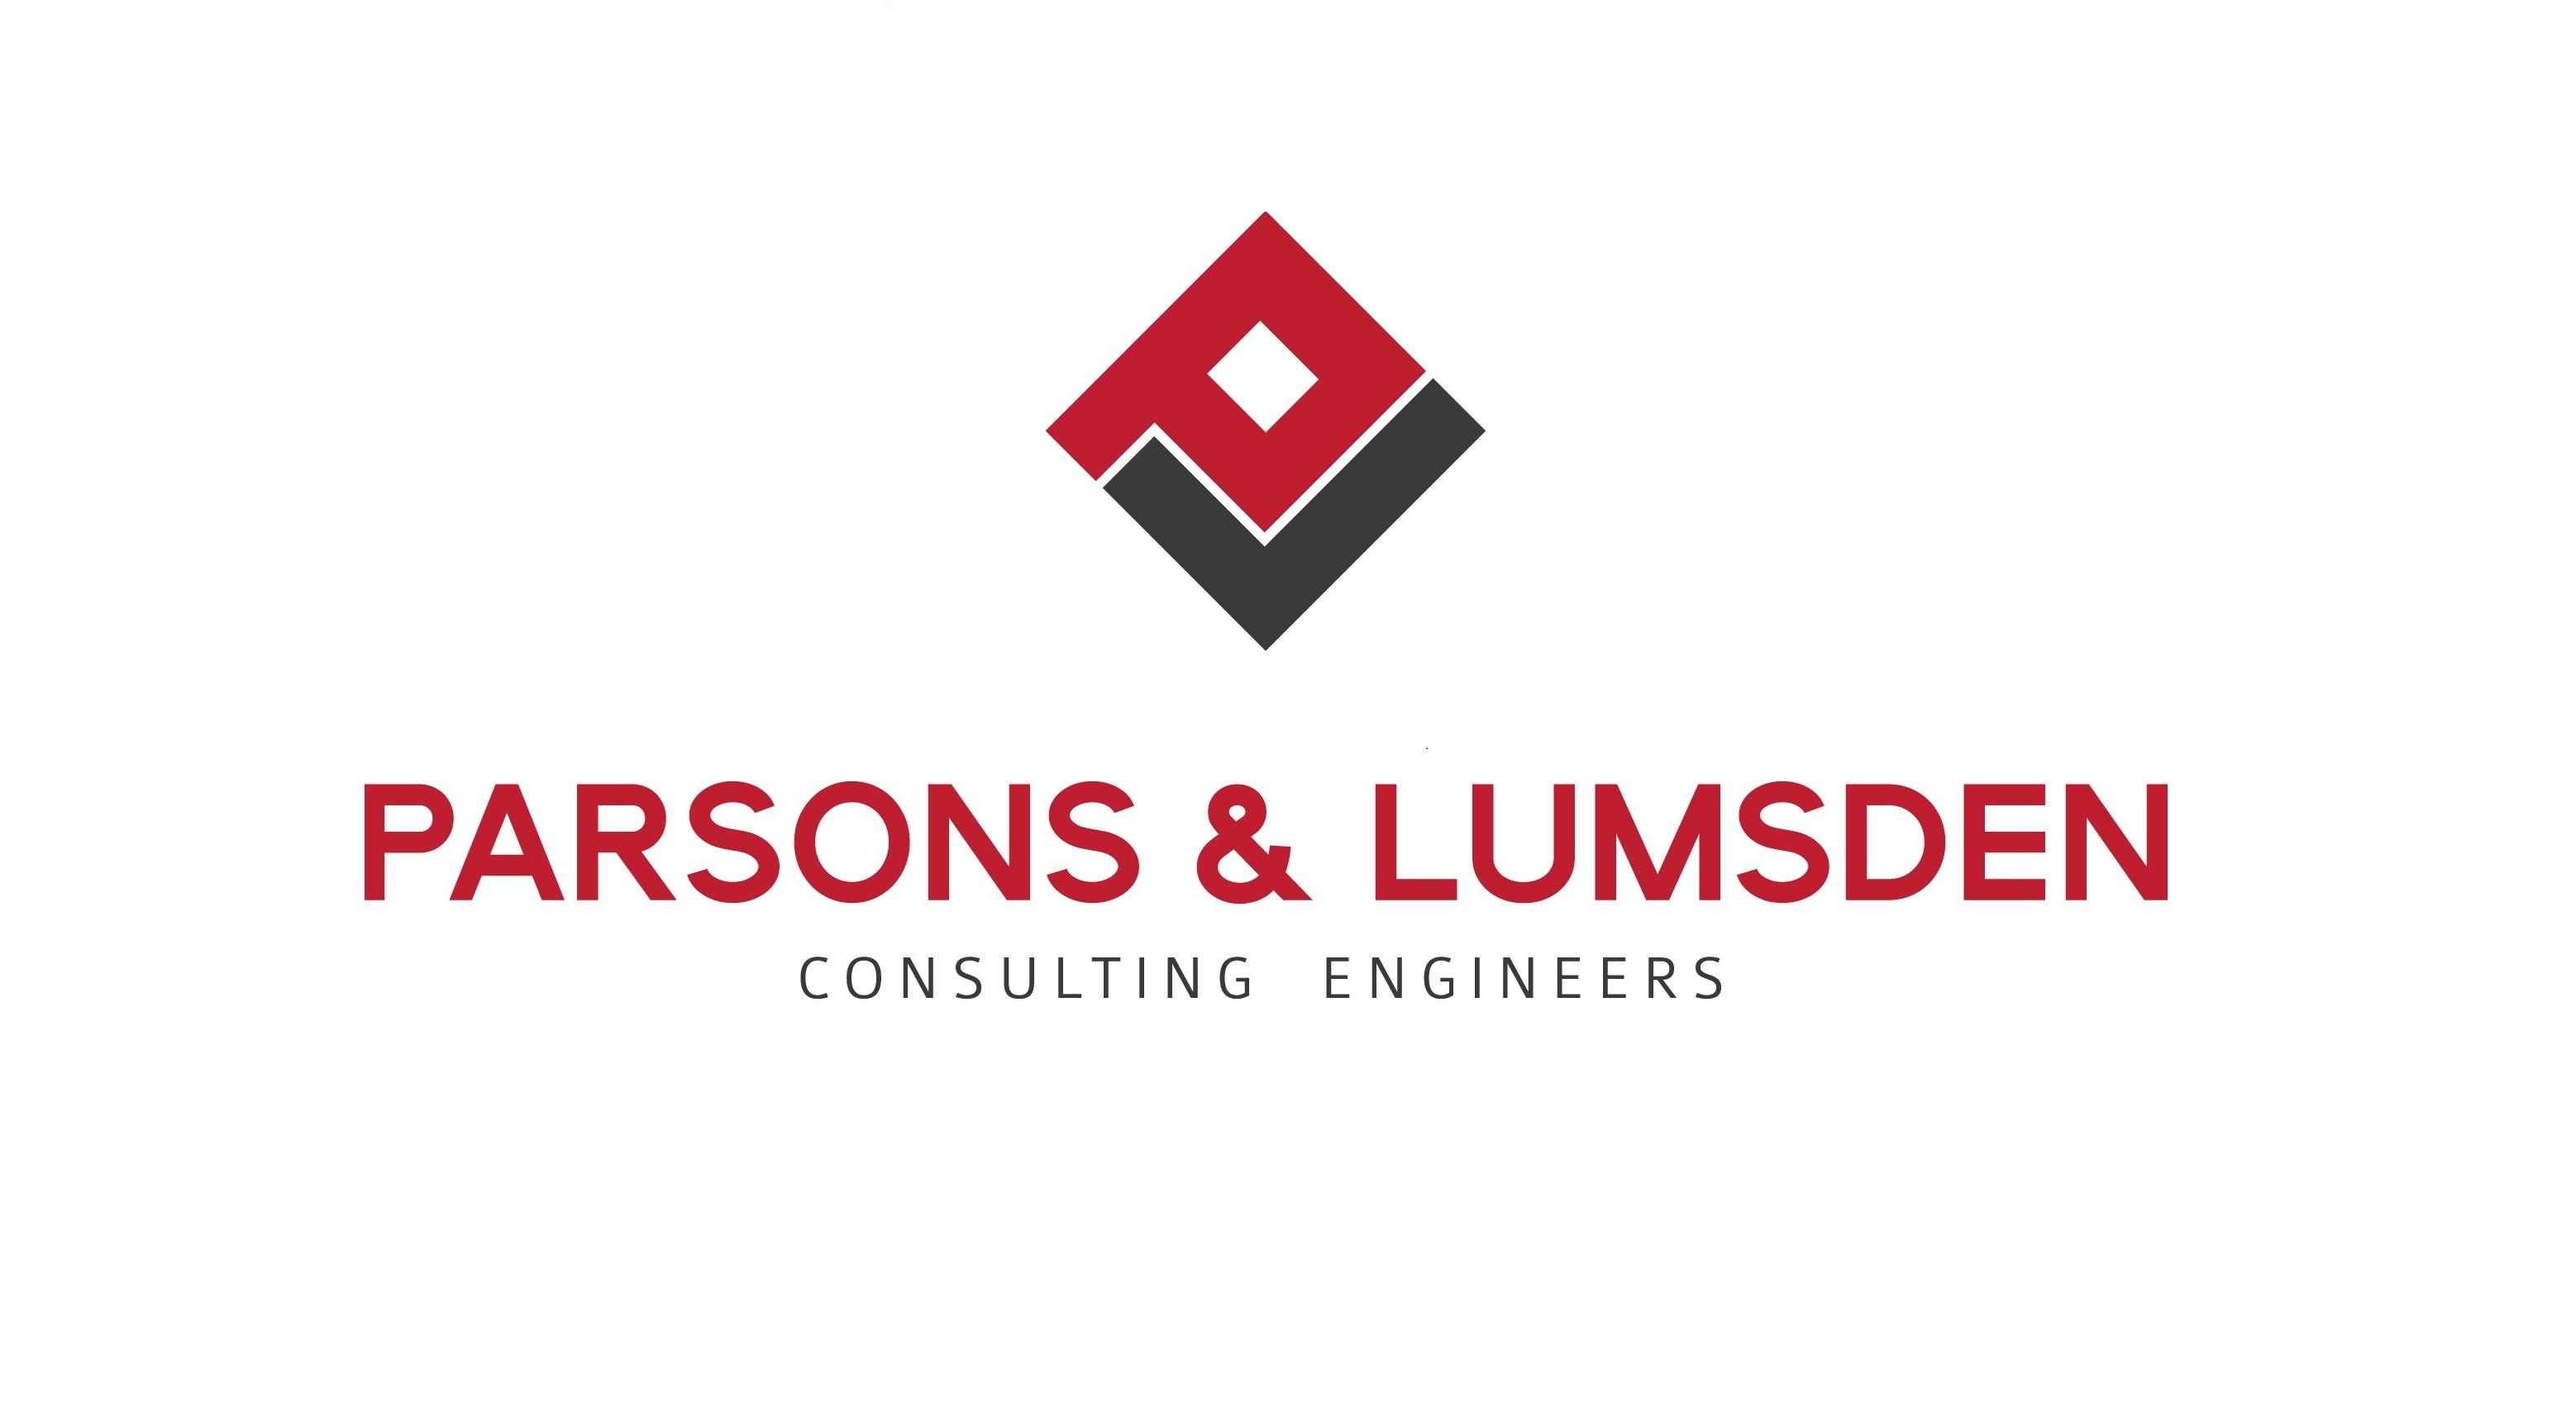 Parsons & Lumsden